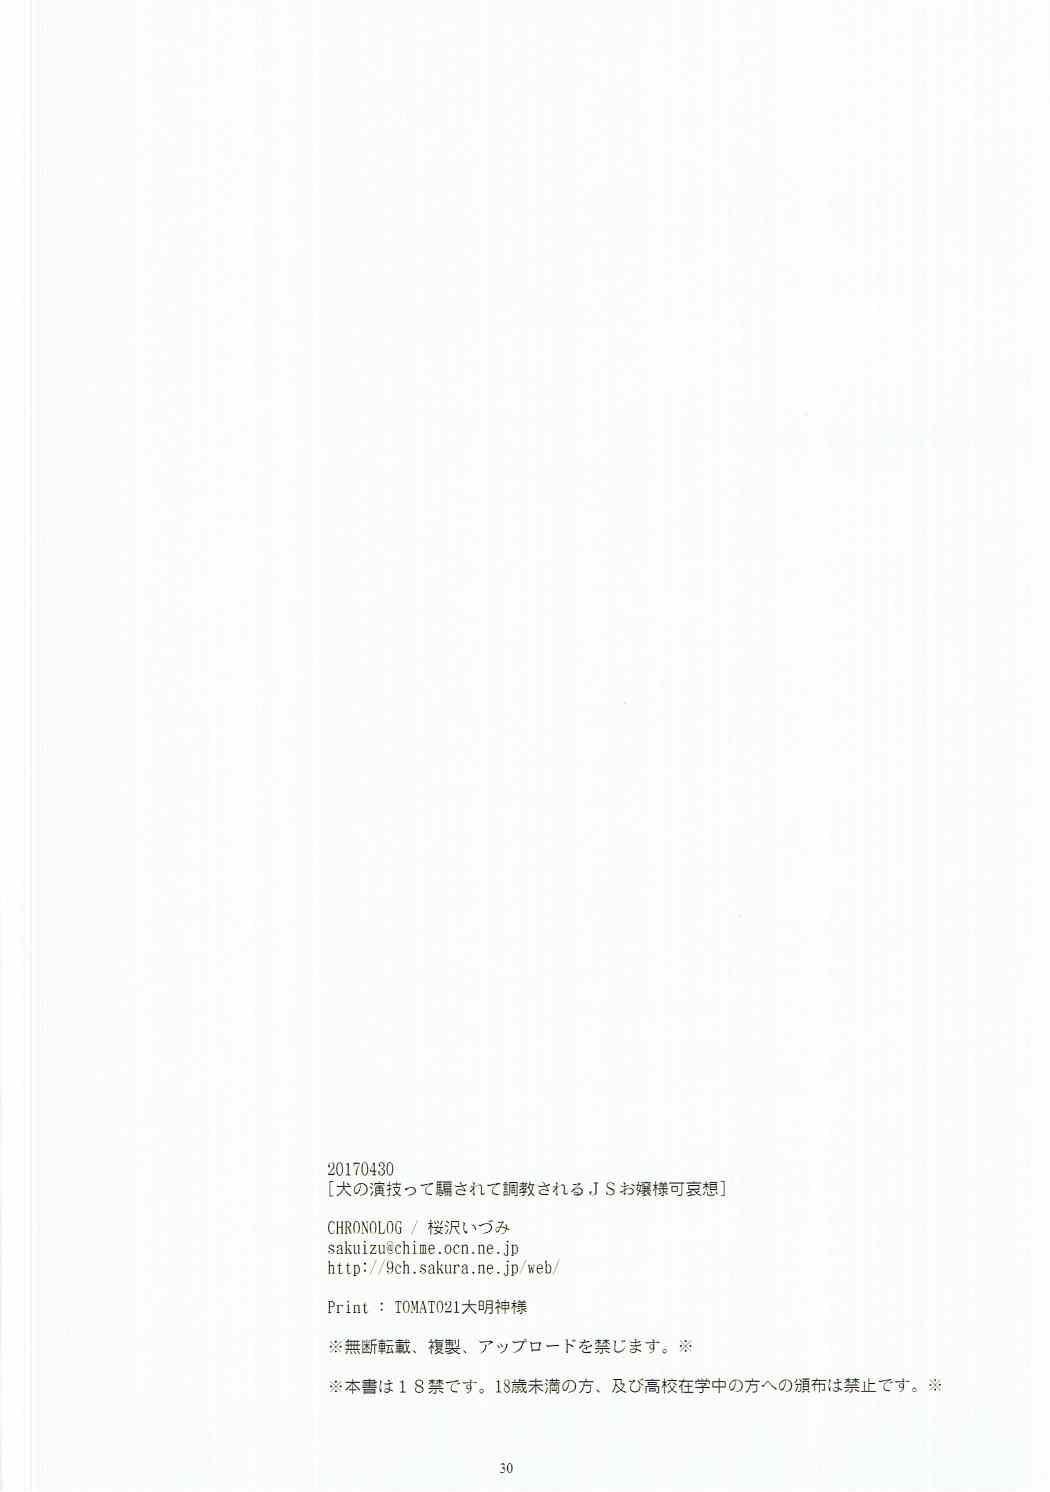 Inu no Engi no Renshuu tte Damasarete Choukyou Sareru JS Ojou-sama Kawaisou 28